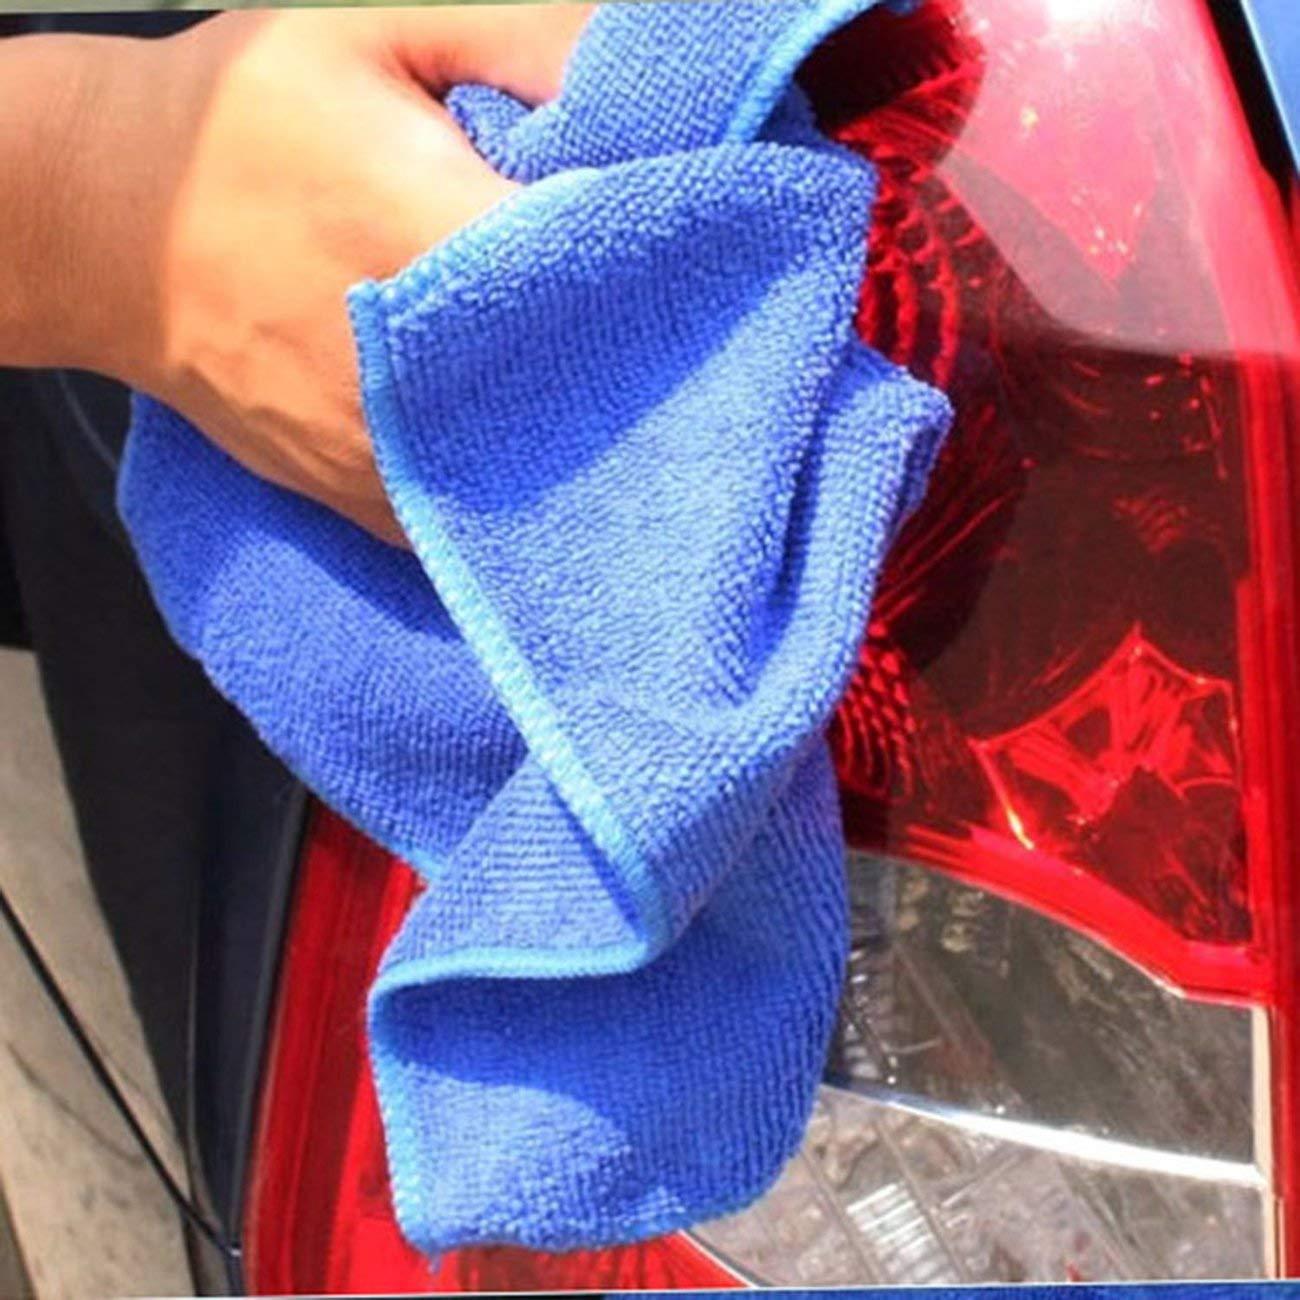 Jiobapiongxin Car Wash tovagliolo di Microfiber Automobile di Pulizia Rapida Asciugatura Panno Car Care Hemming Assorbimento di Acqua del tovagliolo Panno Umido JBP-X